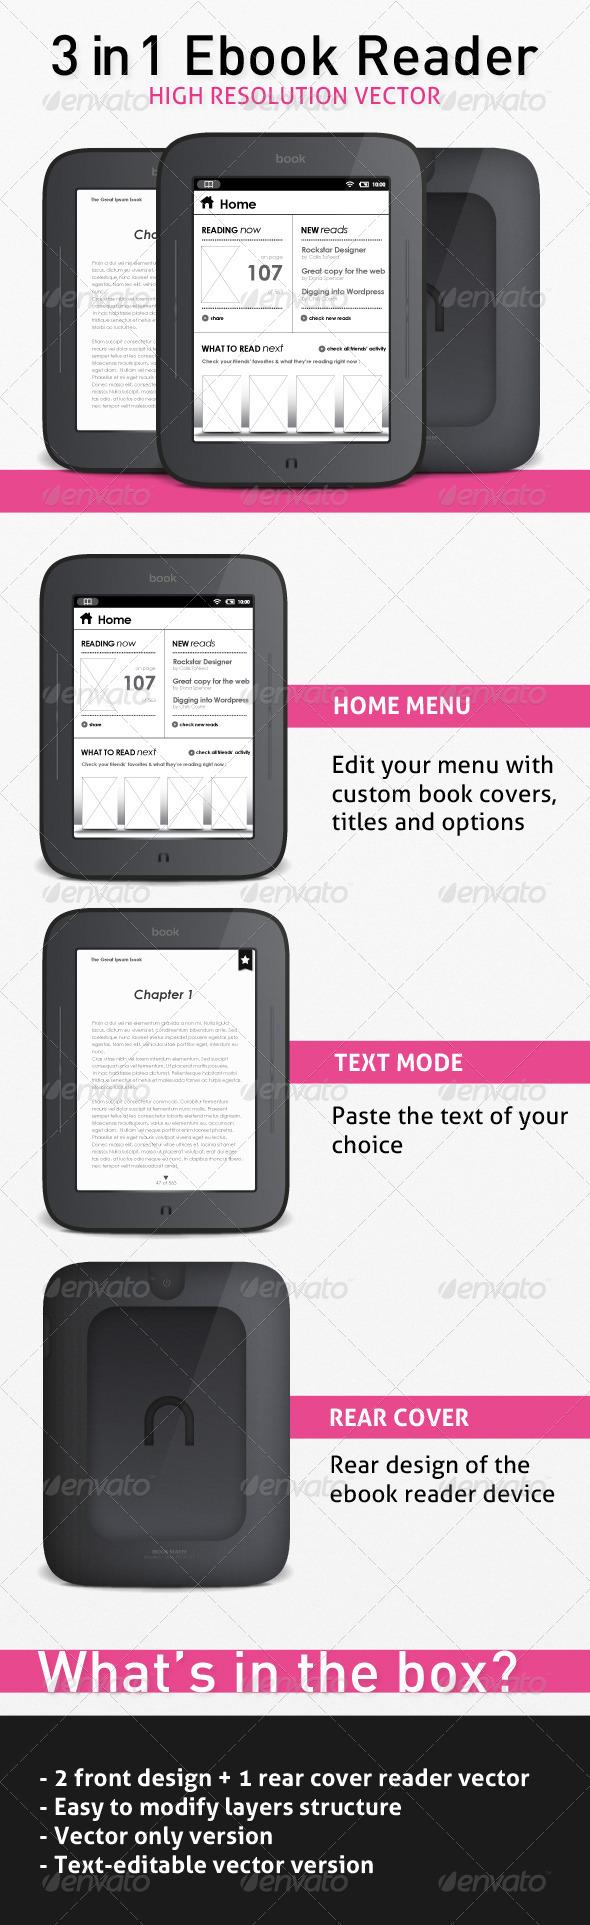 E-Book Reader 3-in-1 Vector - Technology Conceptual